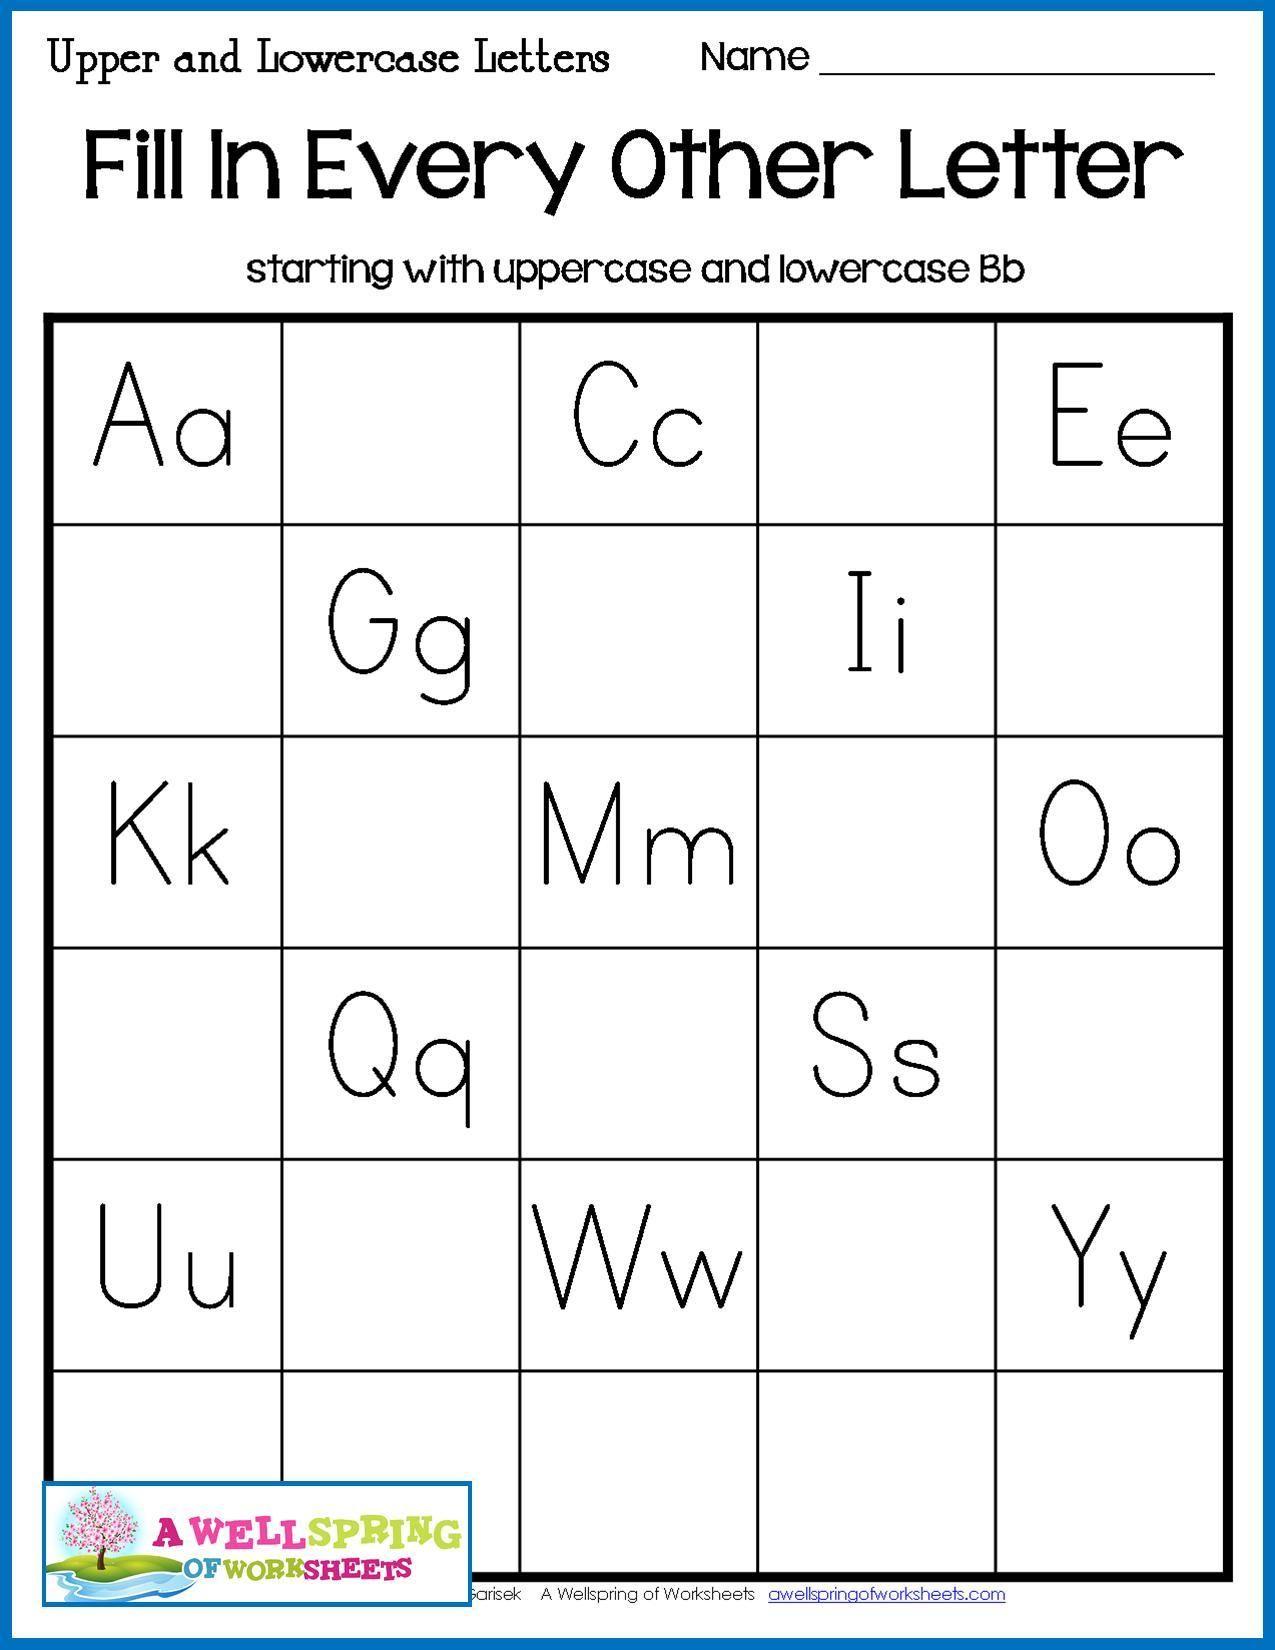 10 Missing Letters Worksheet In 2020 Alphabet Worksheets Preschool English Worksheets For Kindergarten English Worksheets For Kids